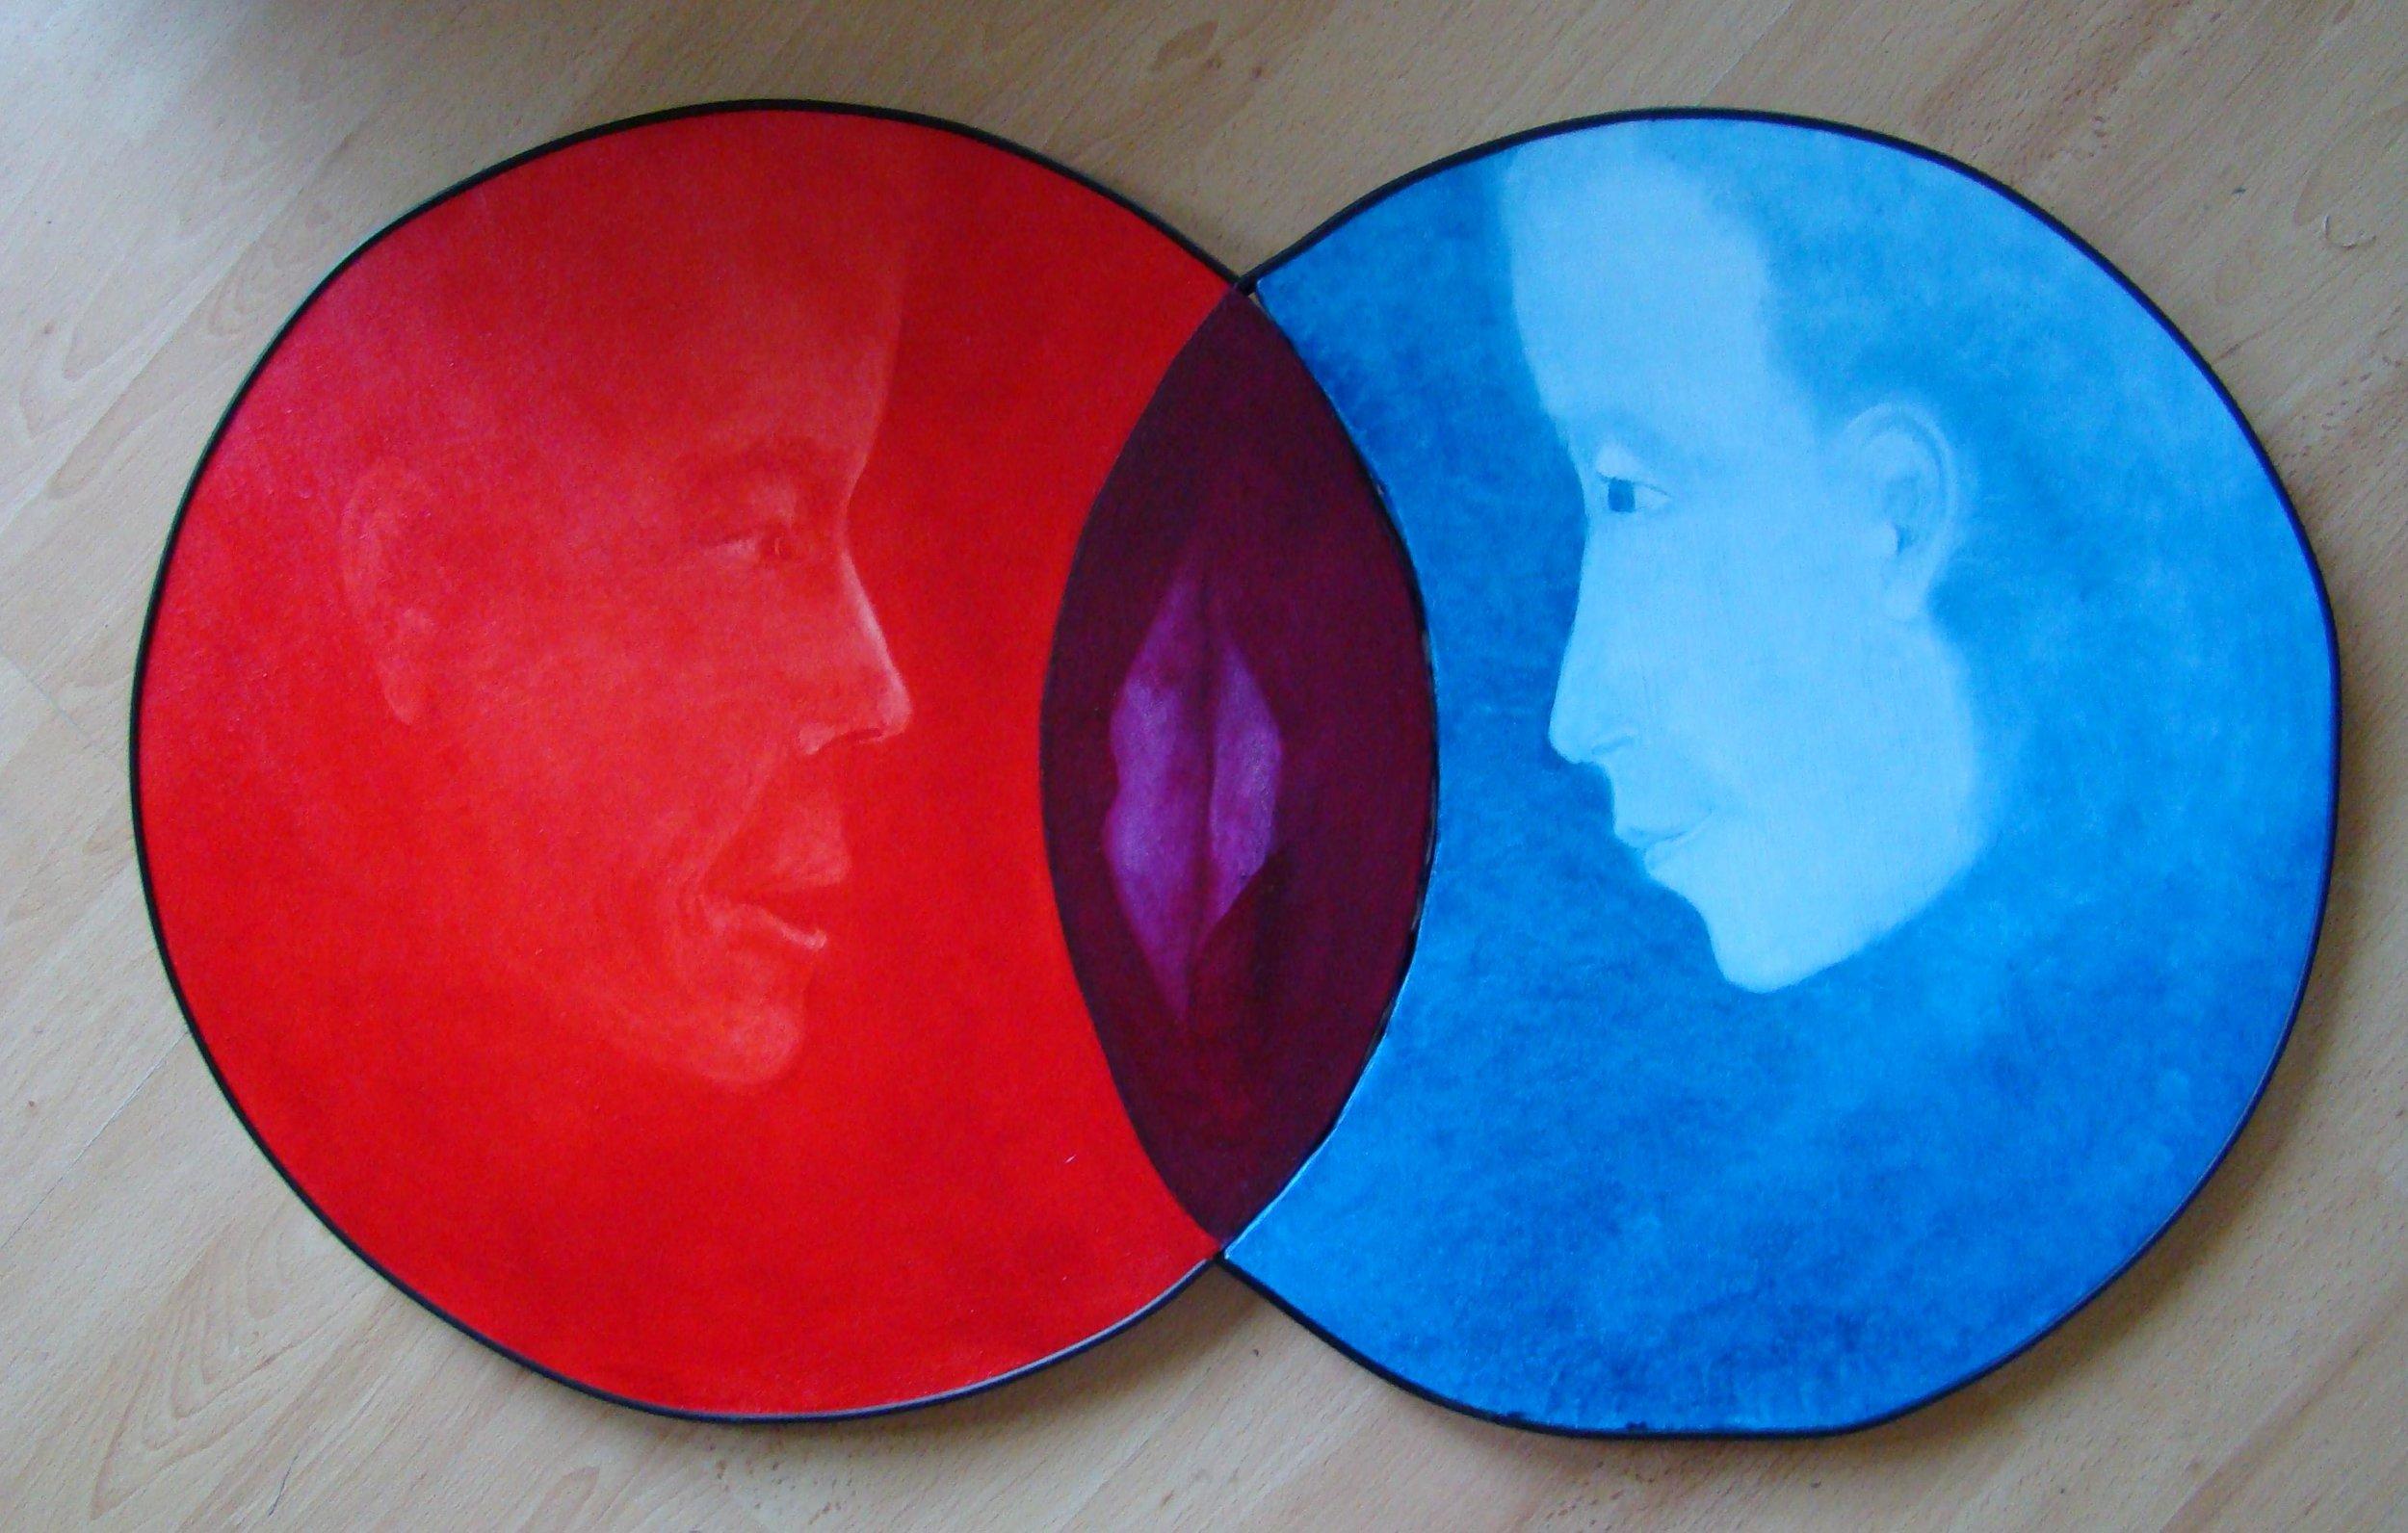 couleur vibratoire de la parole 2xdiam. 50.JPG